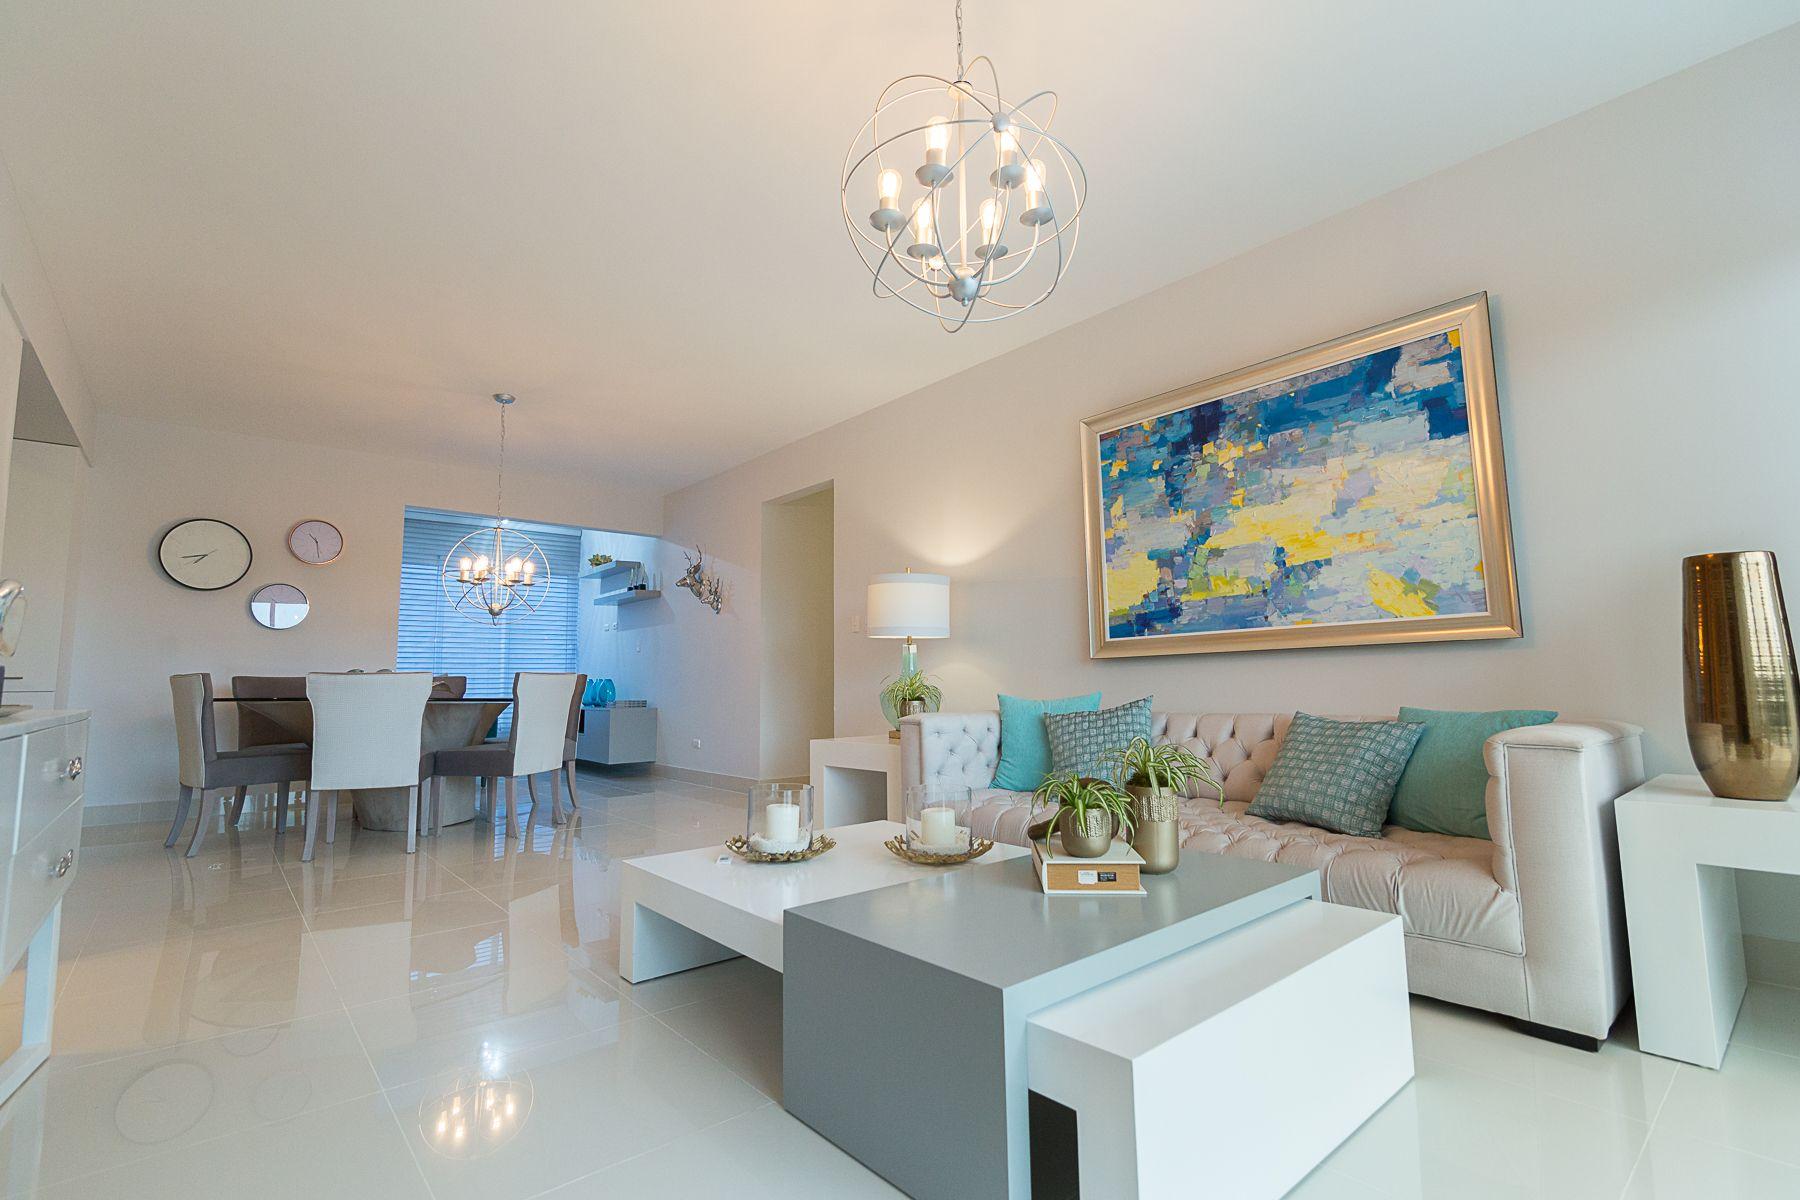 La iluminación y ventilación natural hacen de Residencial Stella un concepto urbanístico al más alto estilo cosmopolita.